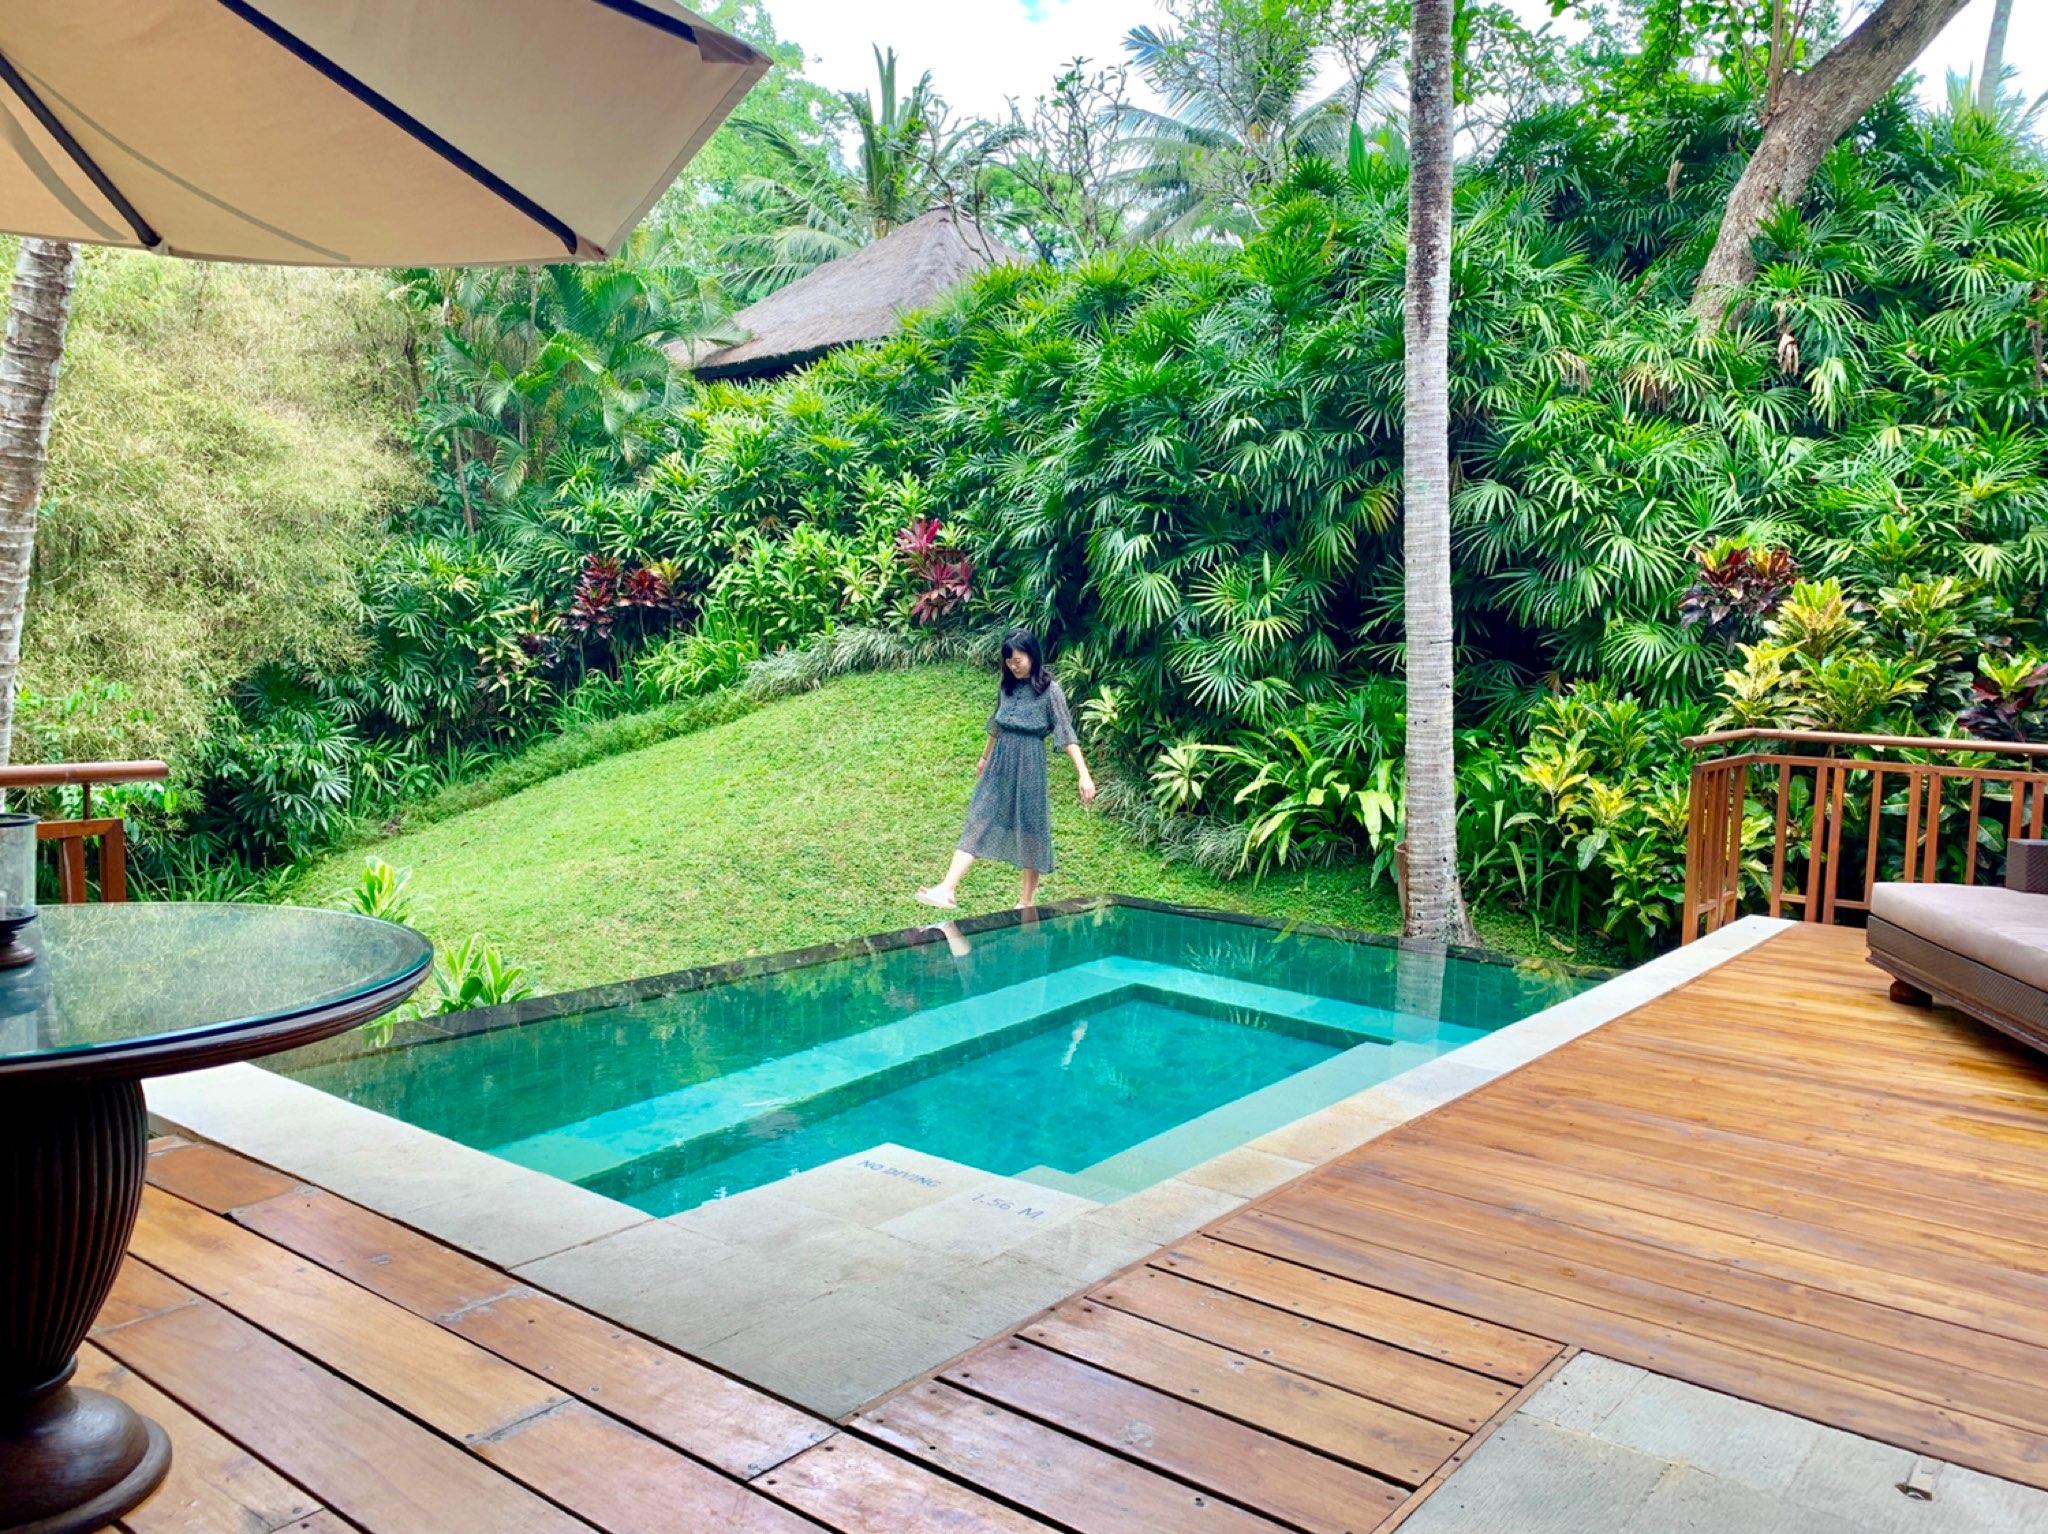 バリ島に行くならどの都市に泊まる?